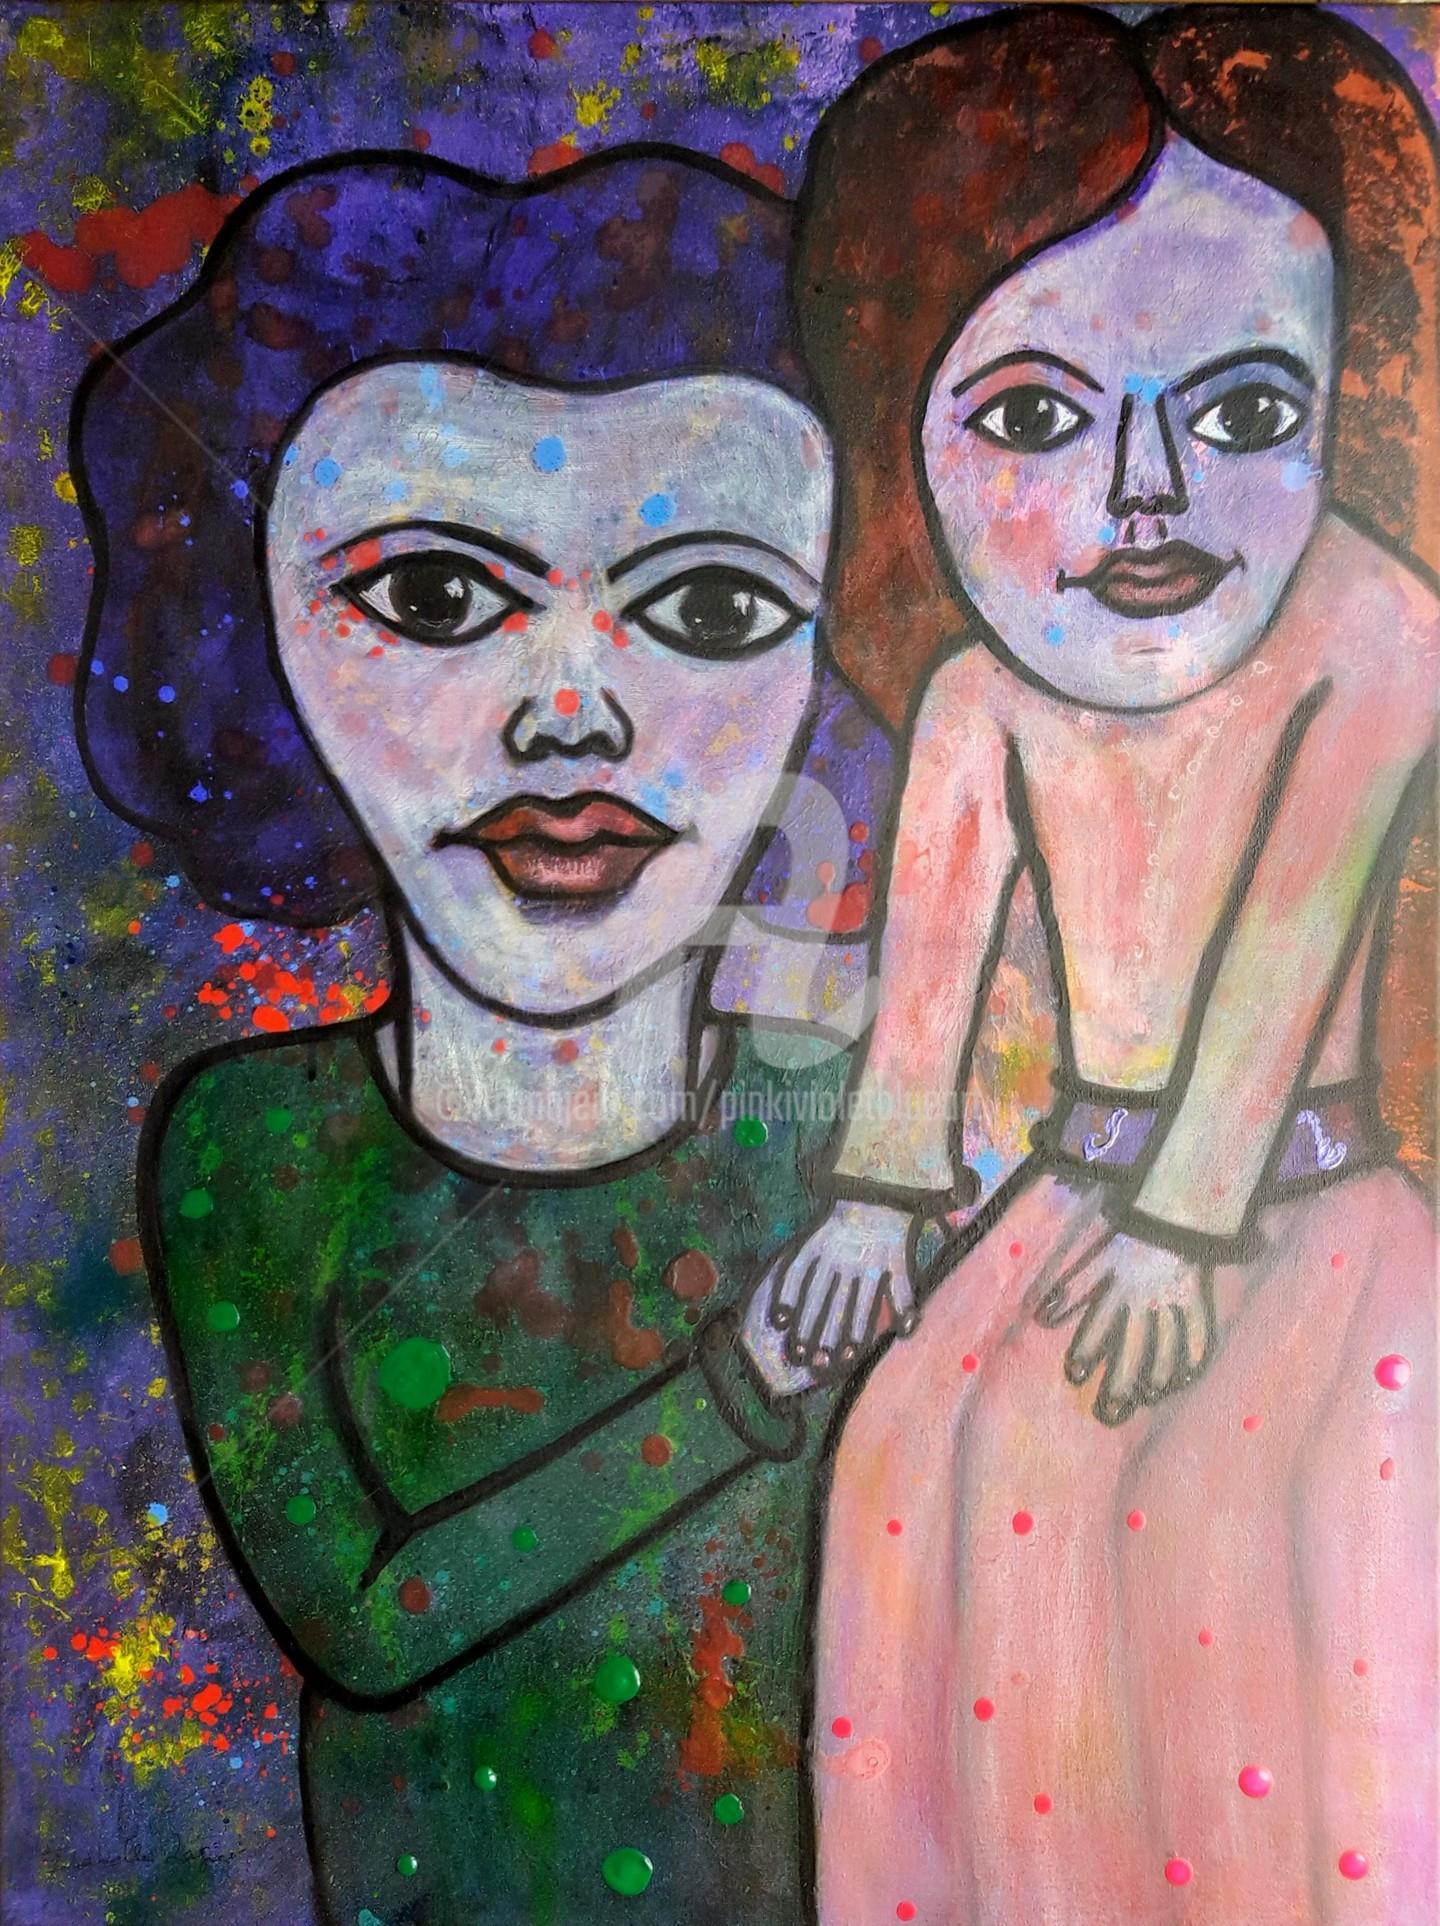 Pinkivioletblue - Les demoiselles fidèles l'une à l'autre